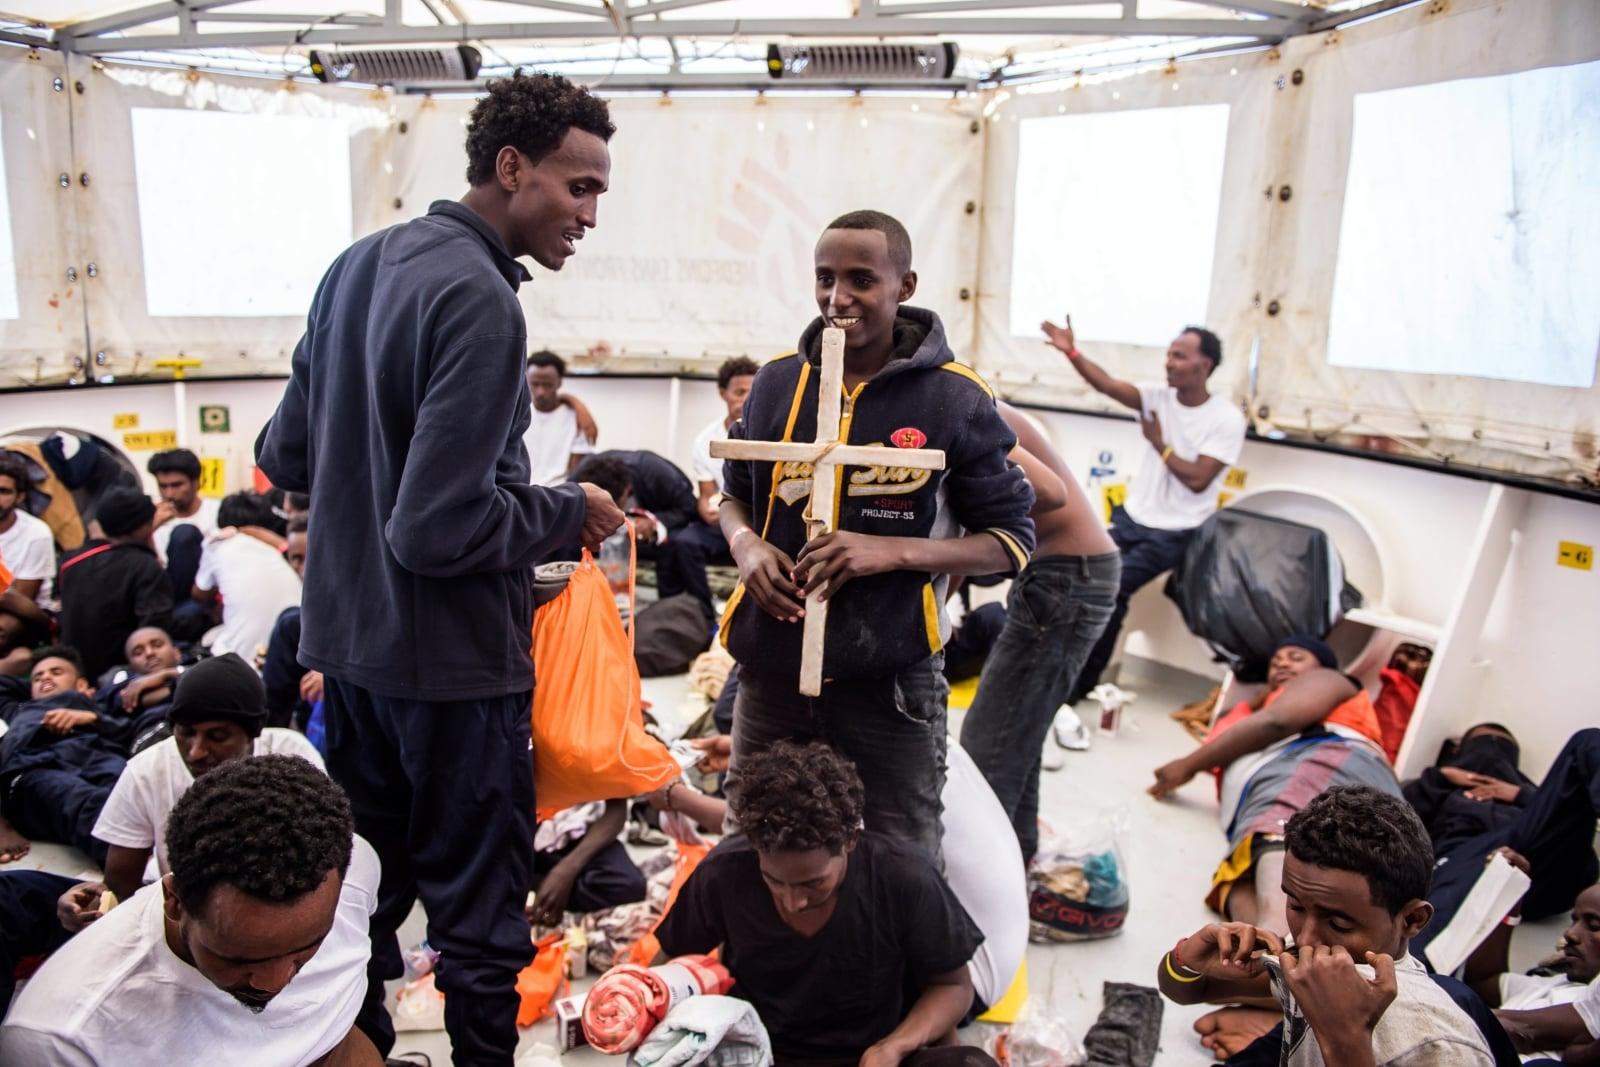 Uchodźcy nad Morzem Śródziemnym EPA/CHRISTOPHE PETIT TESSON